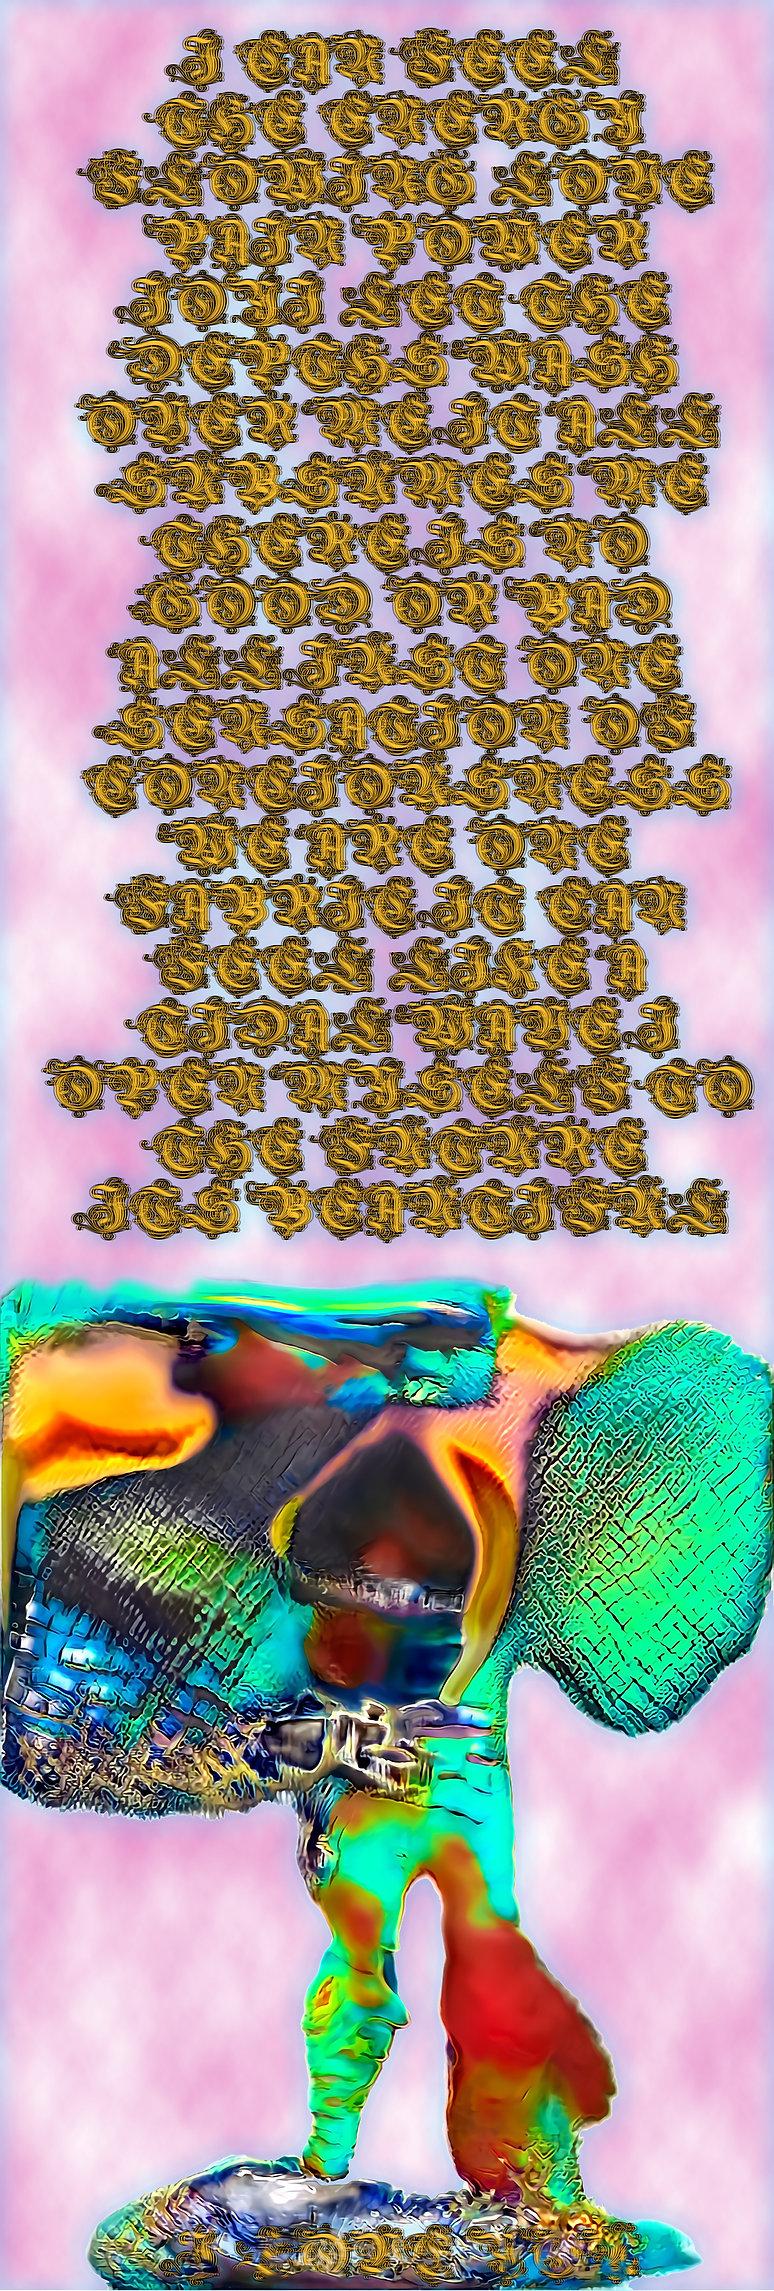 scrolll2.jpg